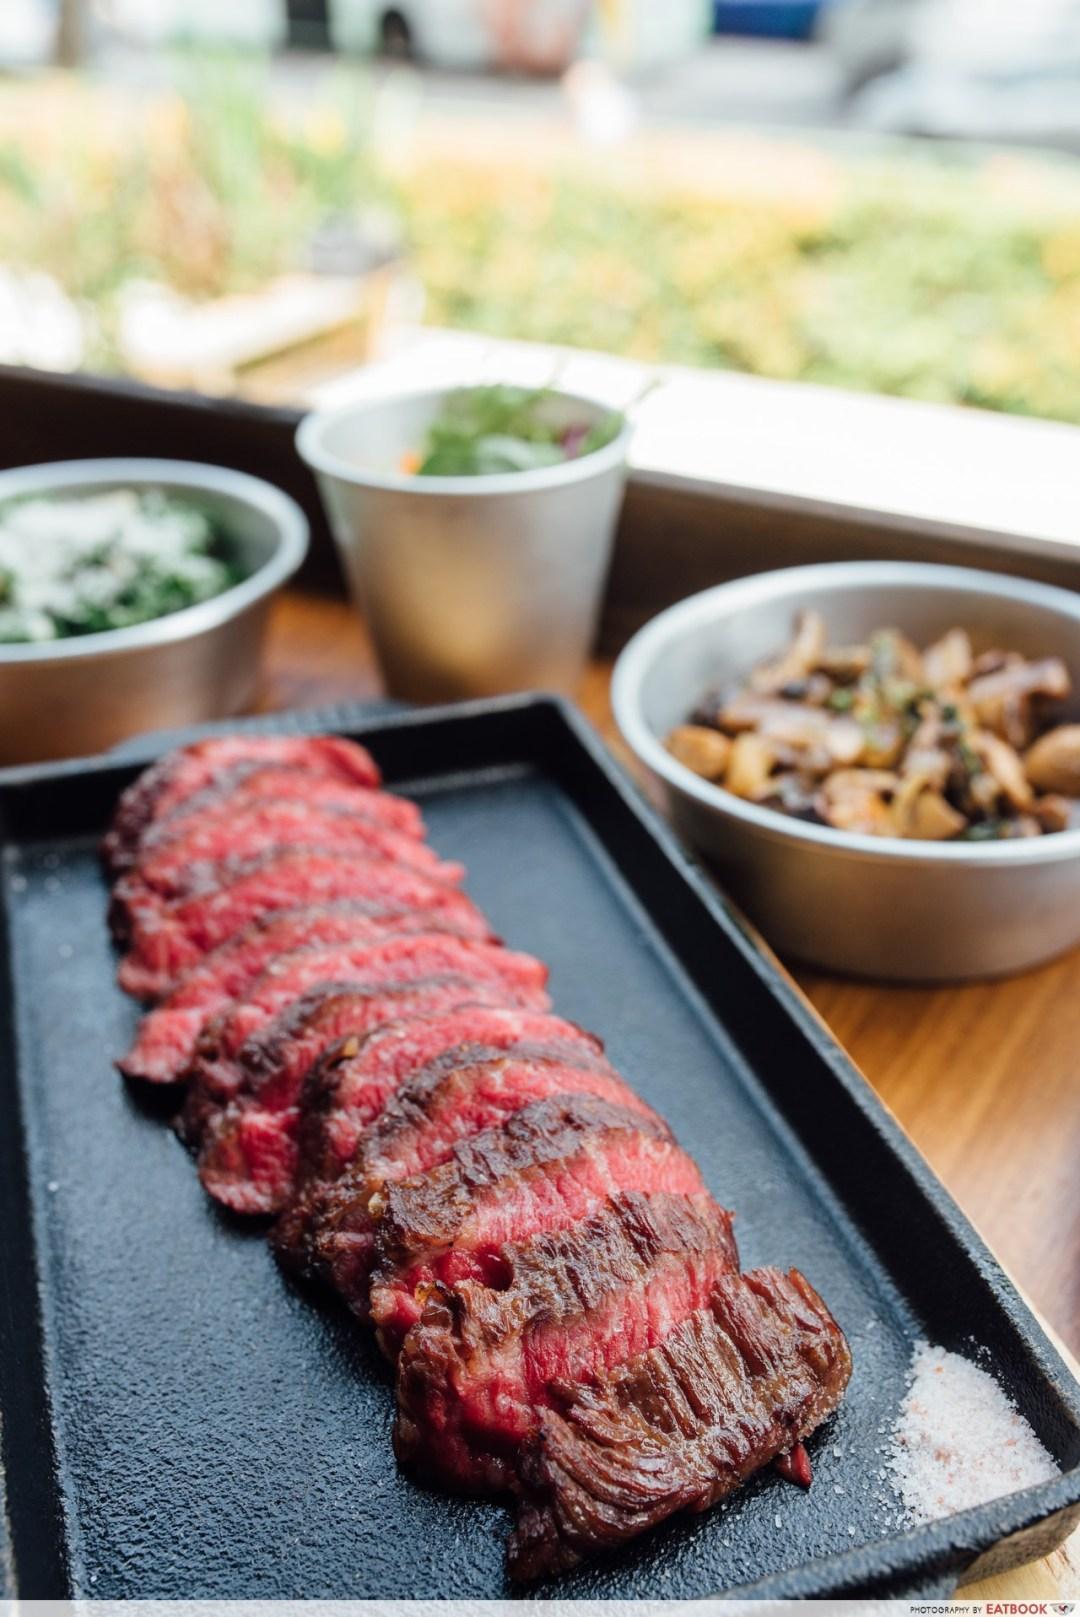 Fat belly- steak